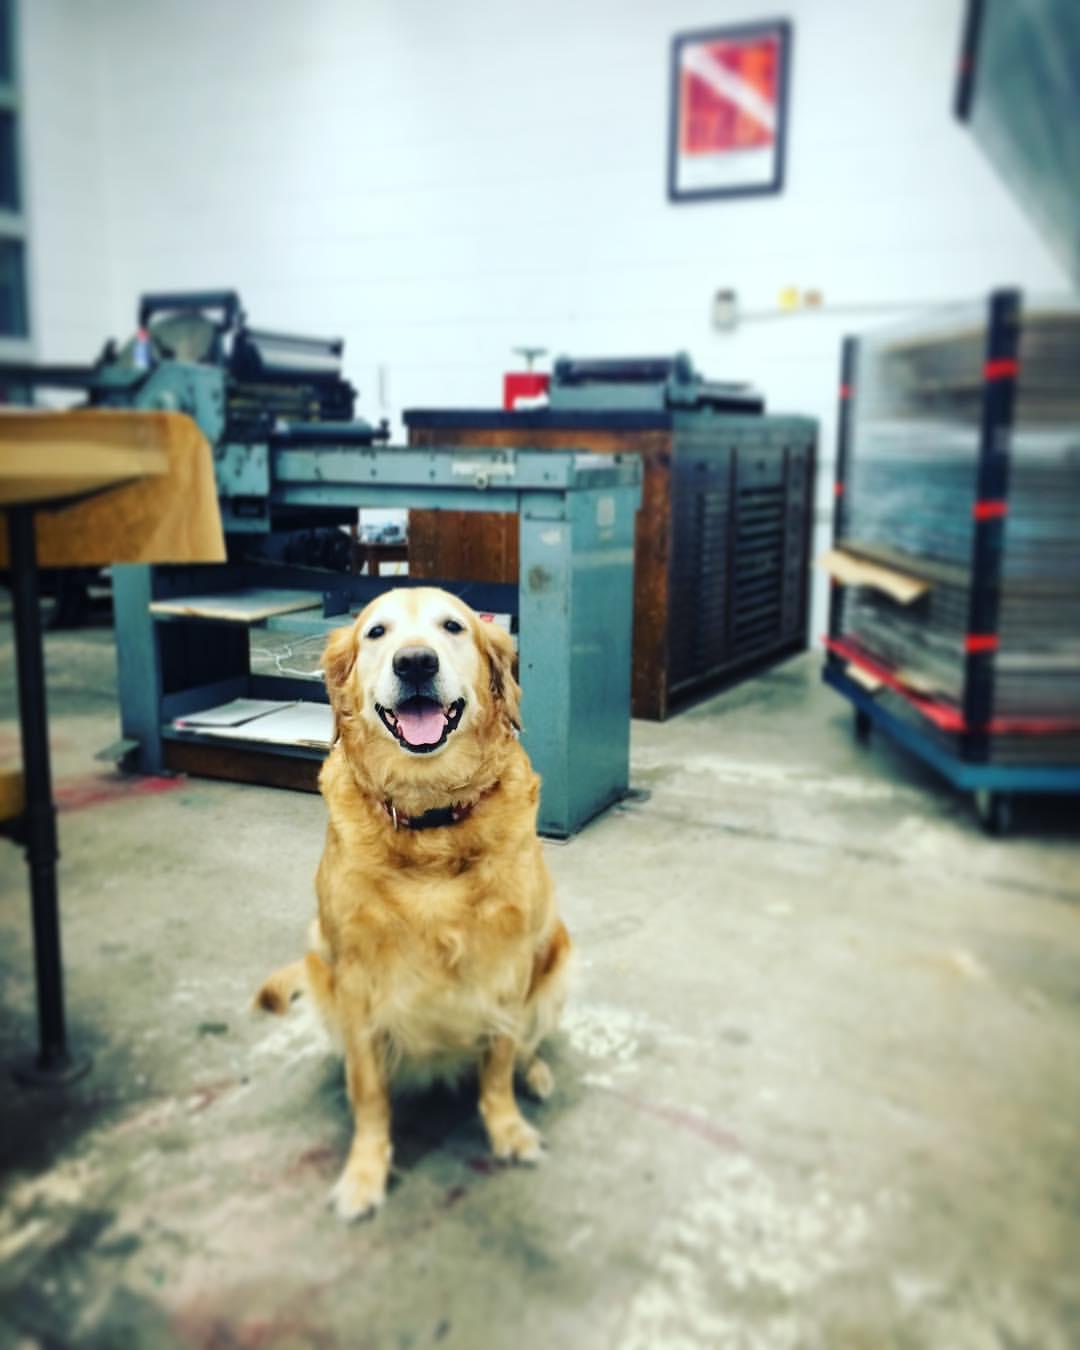 best print shop assistant, Bettie Bee.